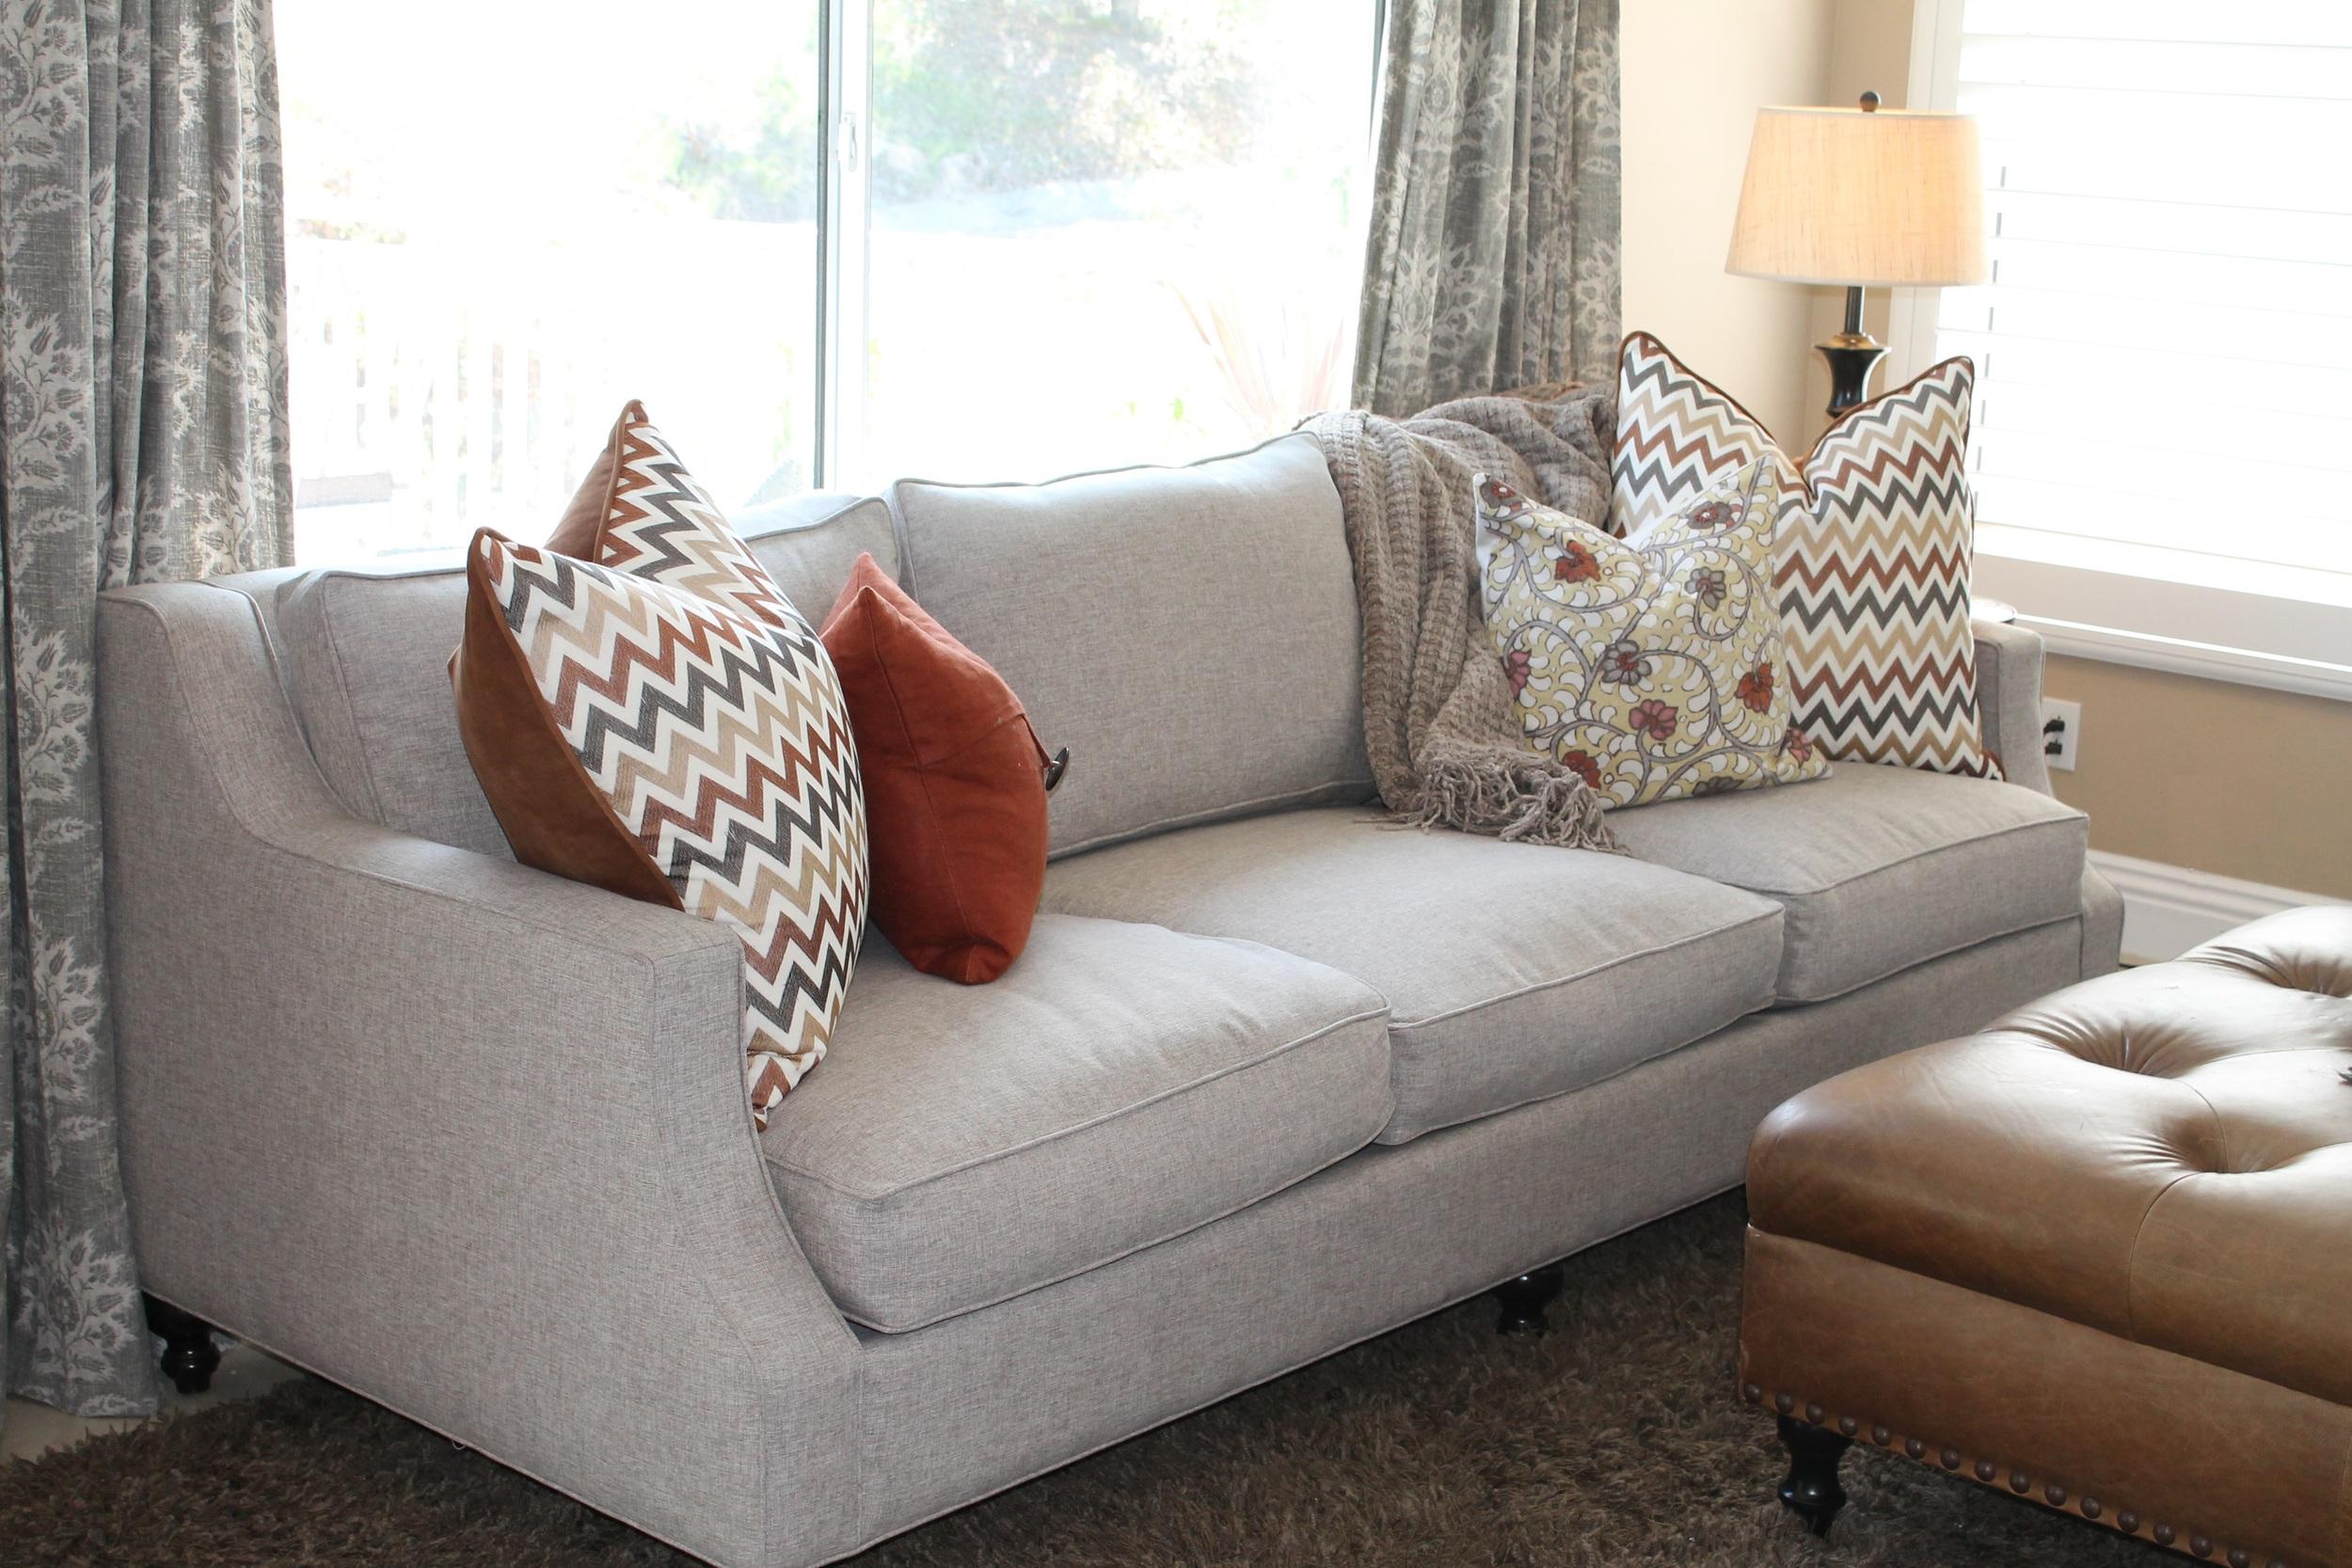 couch koshko2.jpg